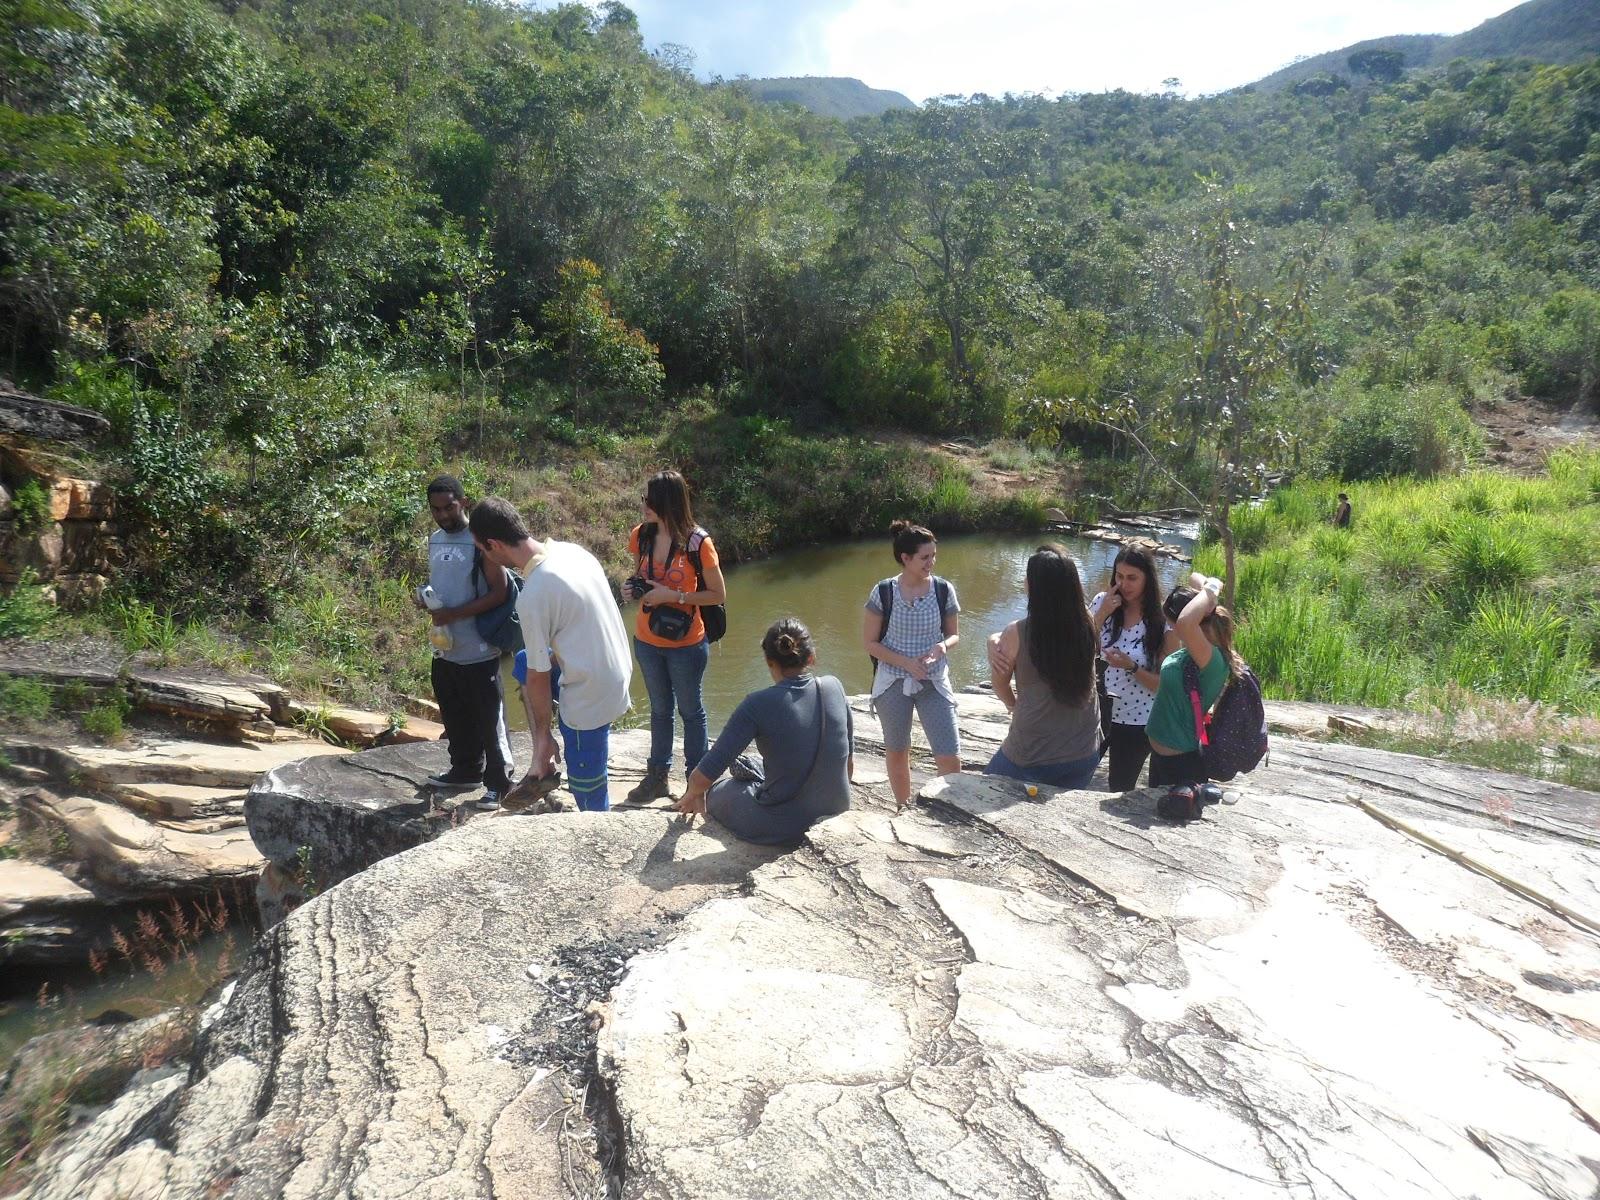 Universitários de Turismo da UFMG visitam sítio histórico de Alto dos Bois em Angelândia MG